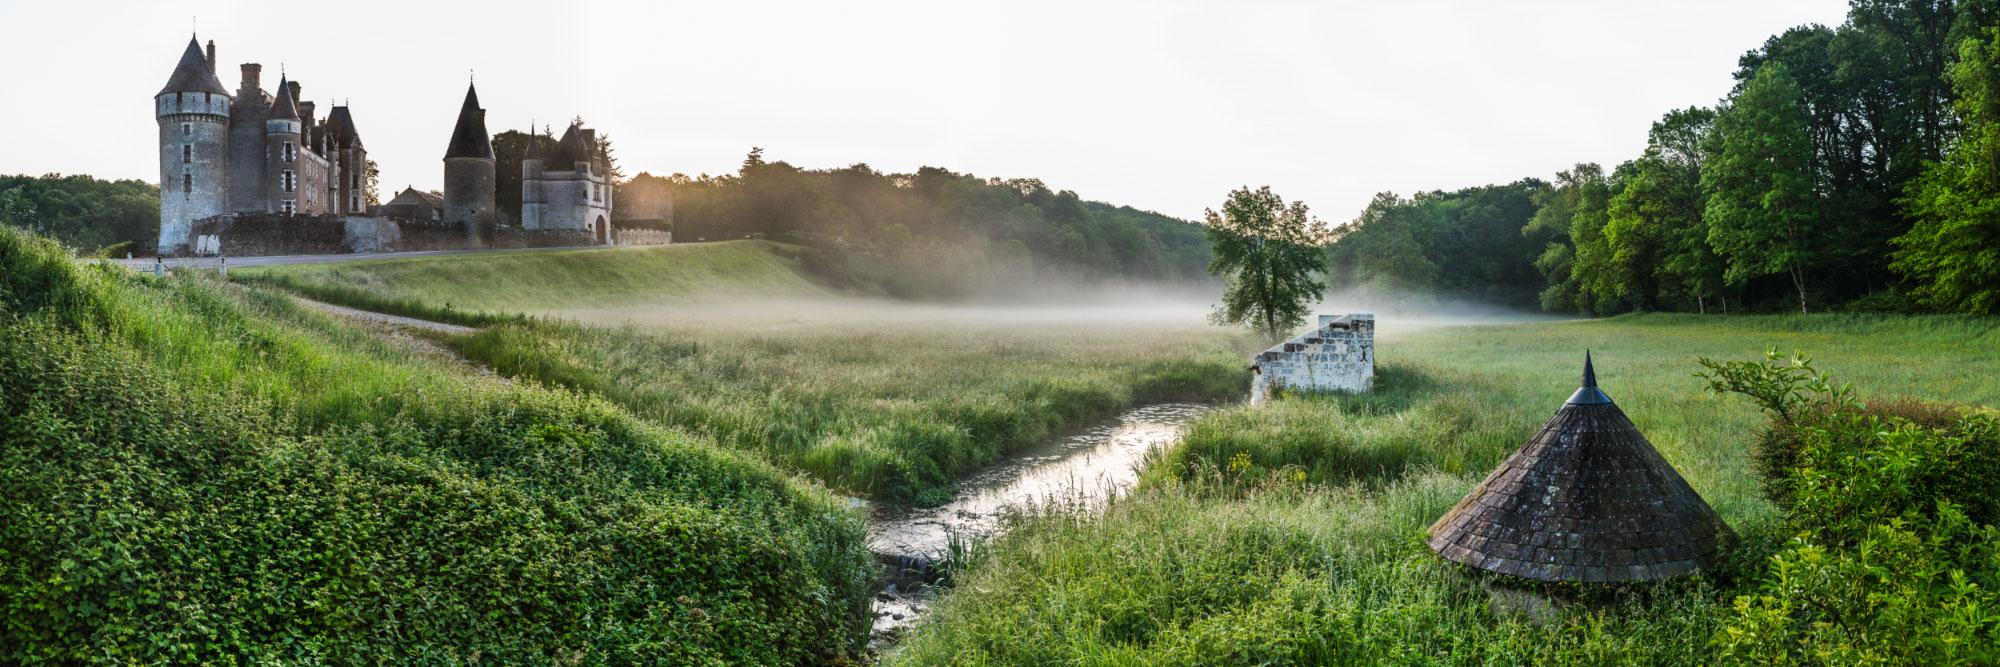 Lavoir et abri à canards près d'un ruisseau, face au château de Montpoupon